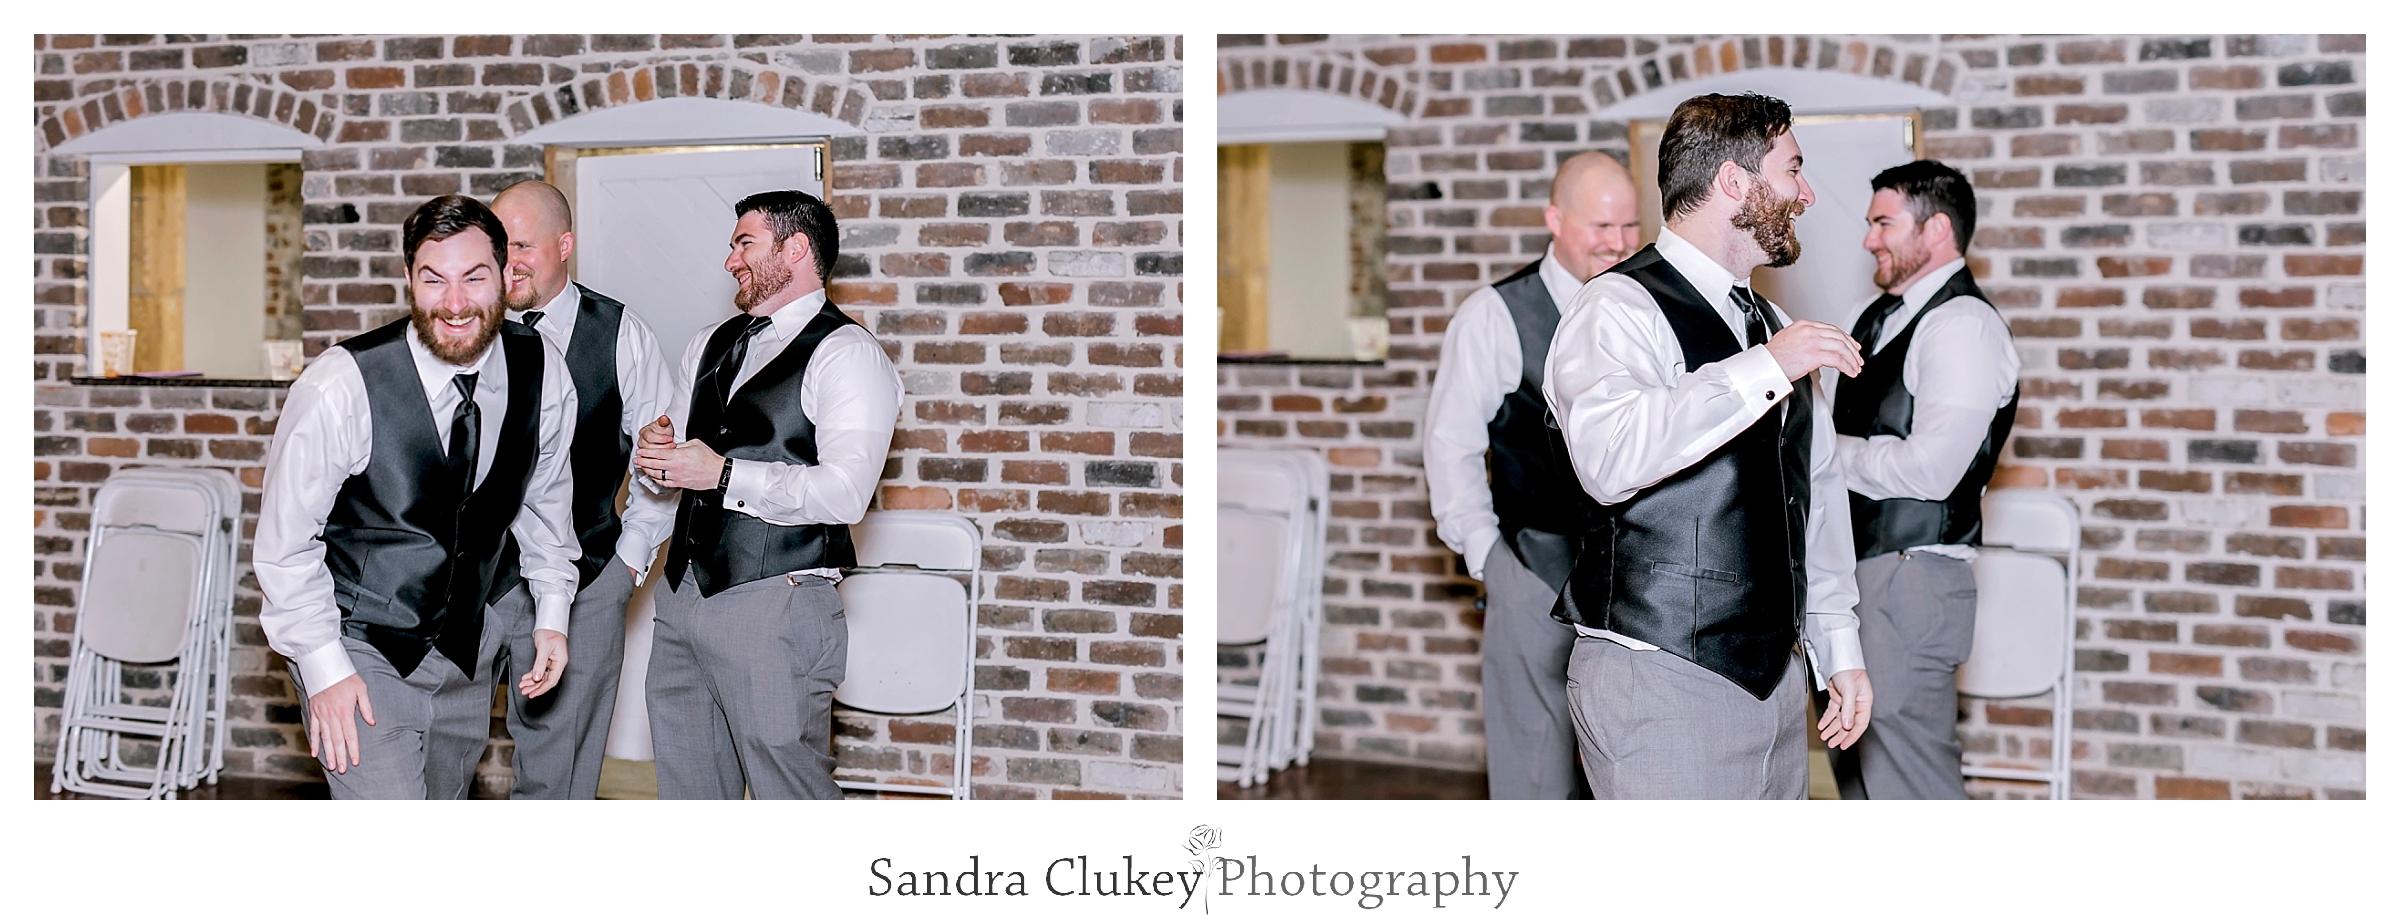 Sandra Clukey Photography_1559.jpg